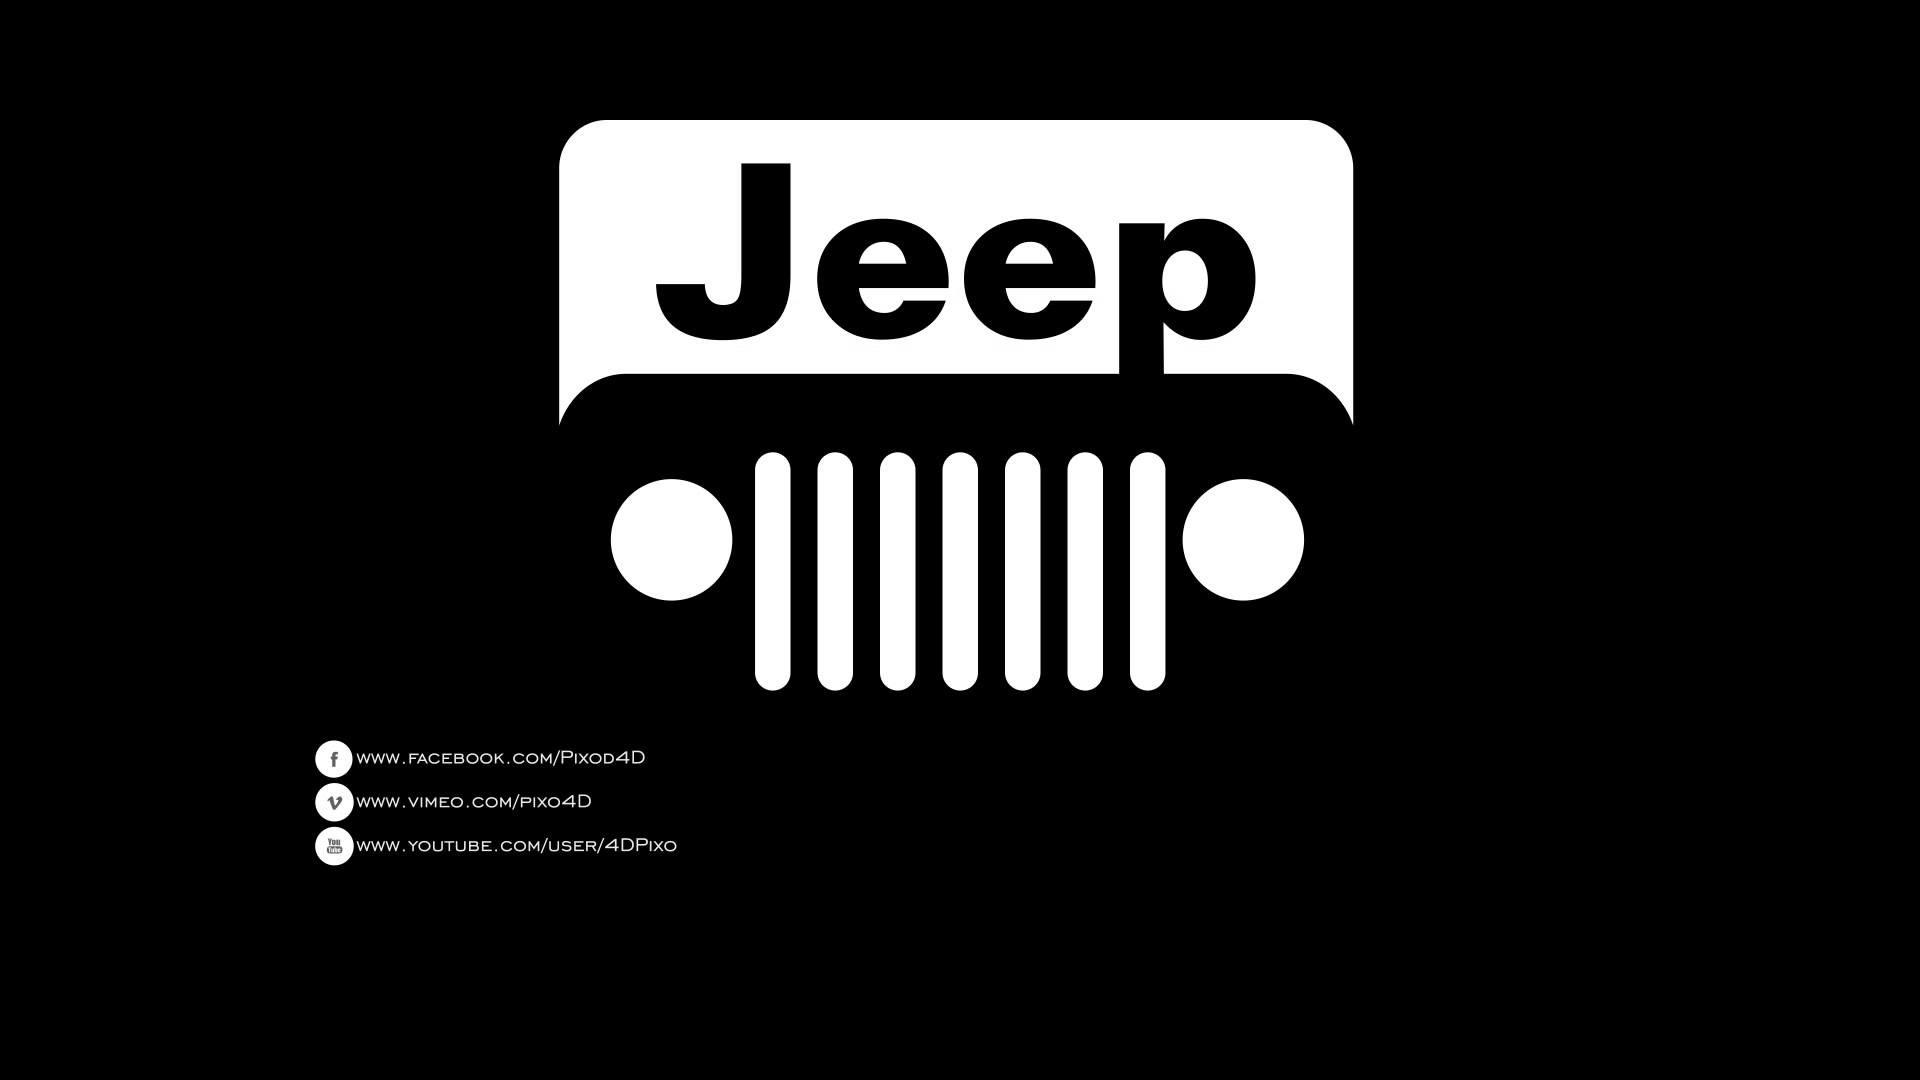 jeep wrangler logo wallpaper. 1920x1080 free jeep wrangler logo wallpaper image vectorealy e